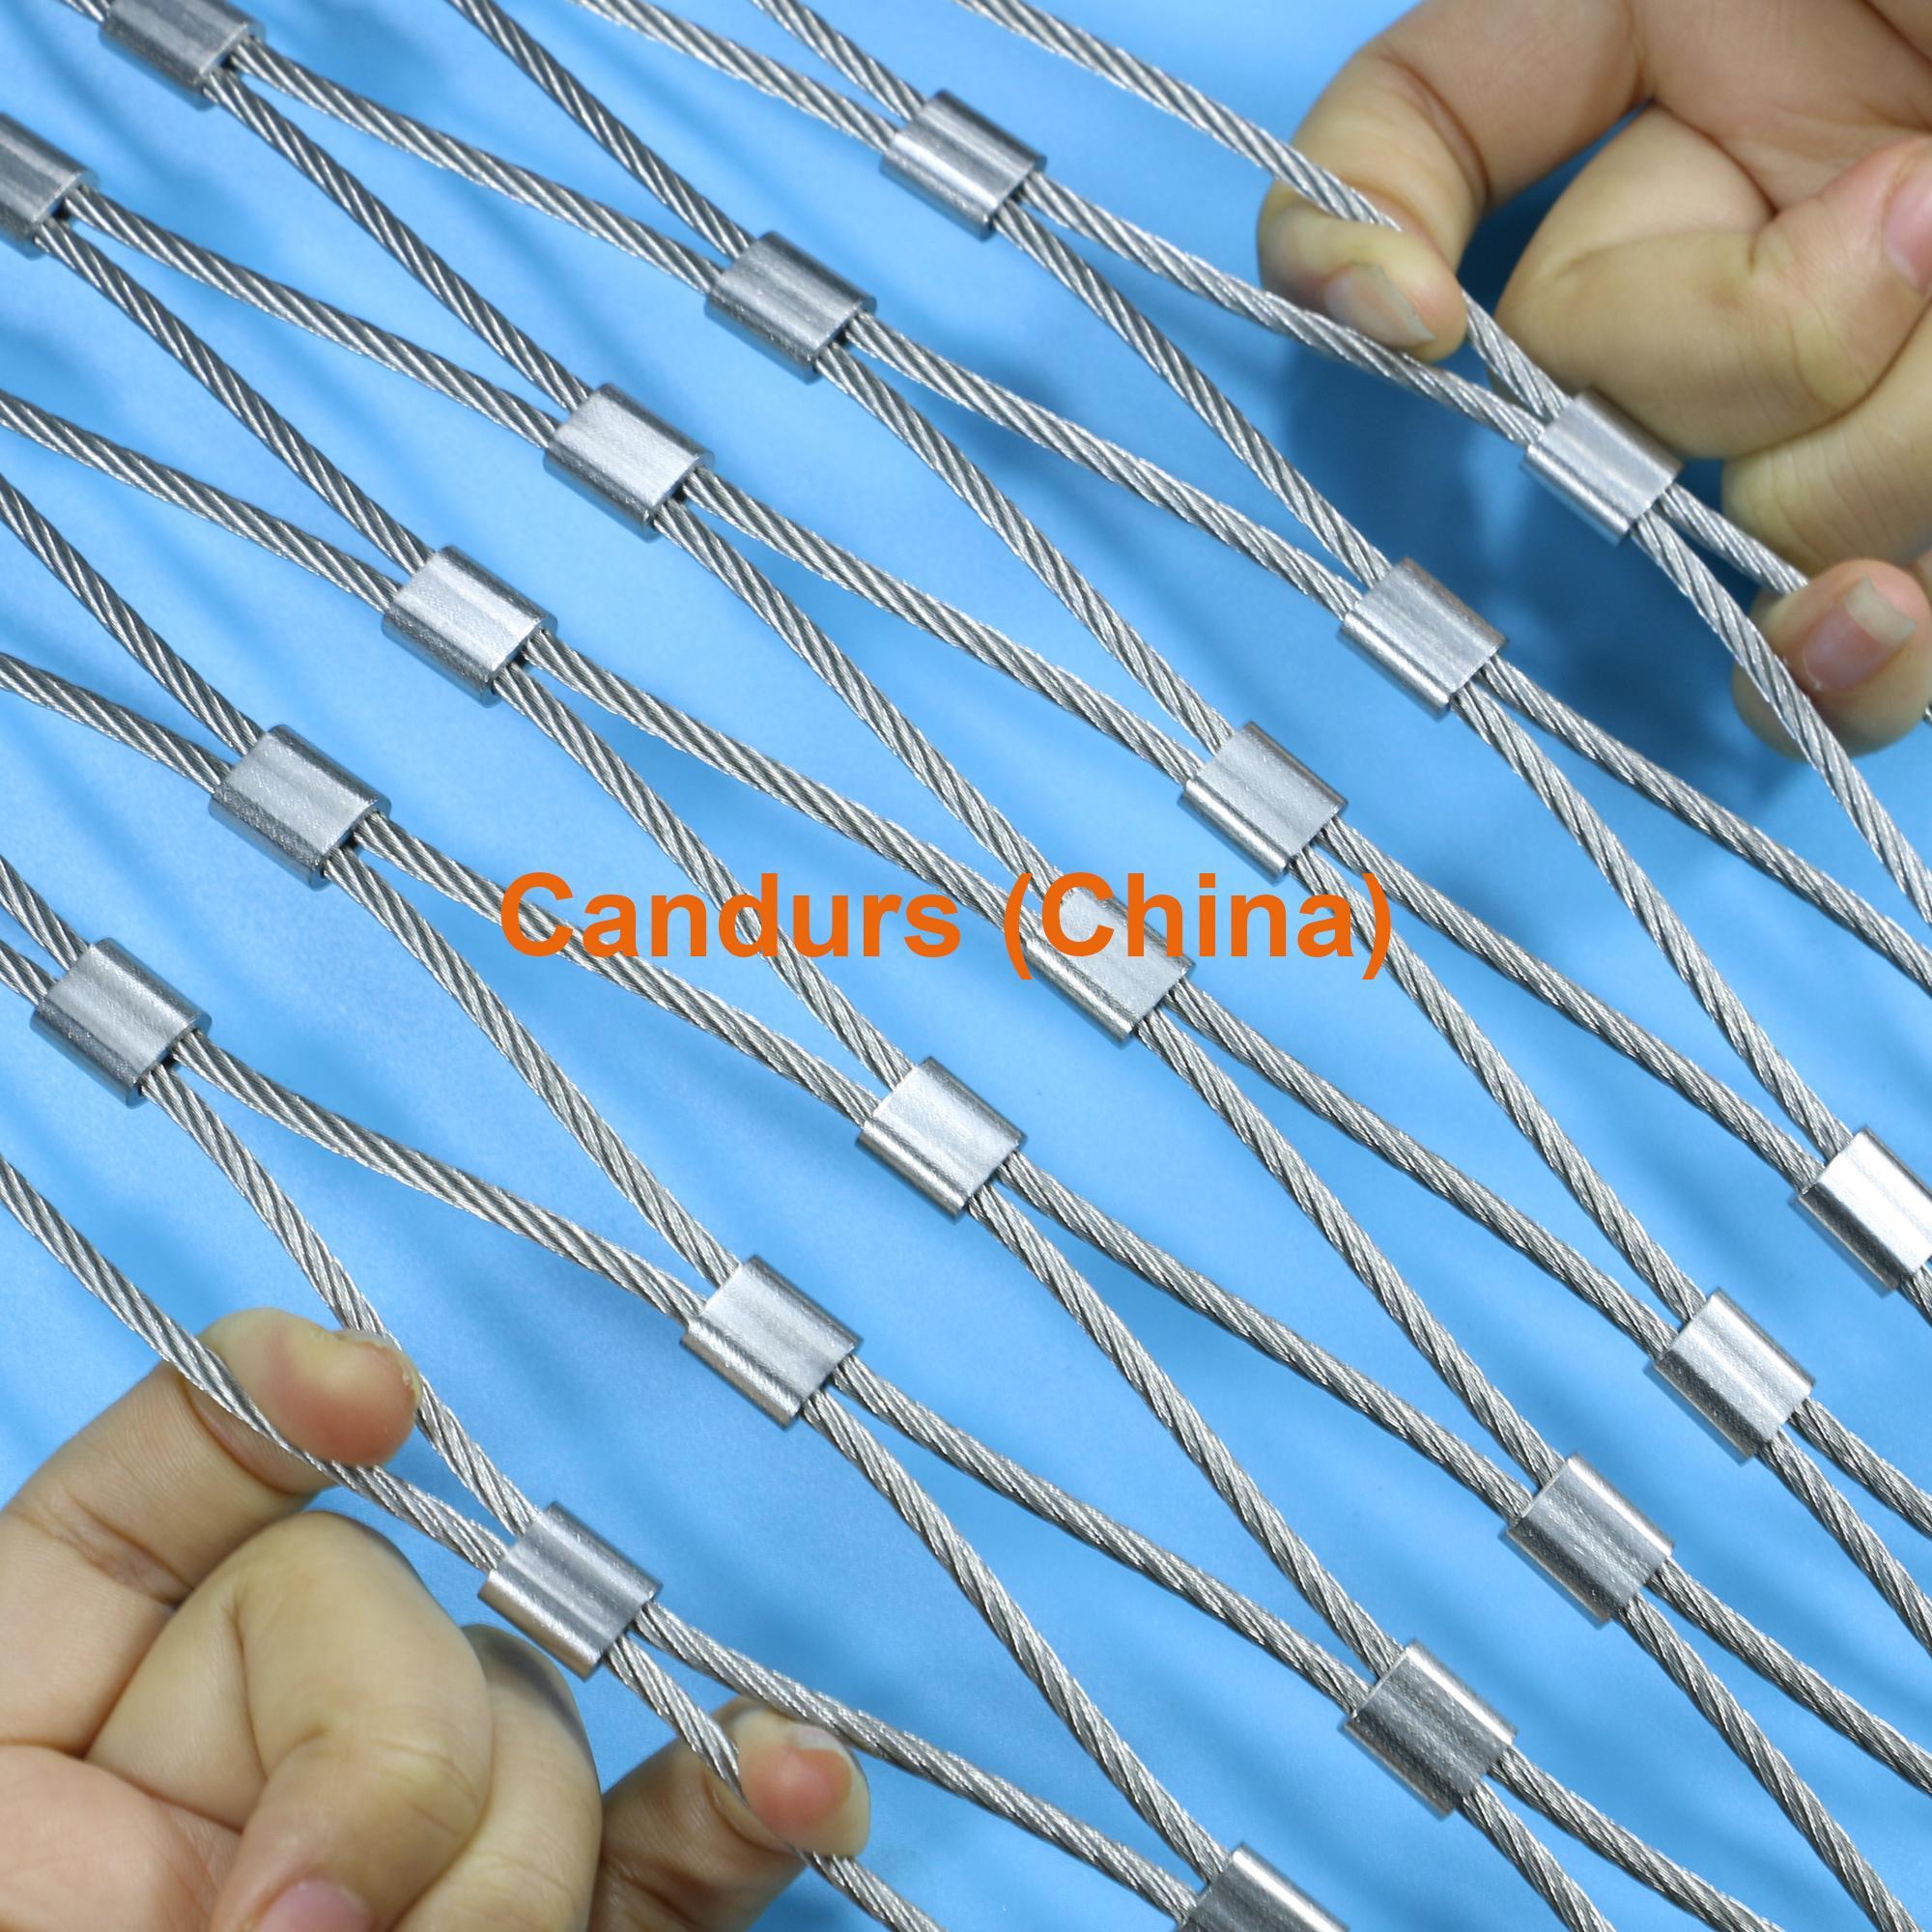 不锈钢绳建筑柔性防护网 14